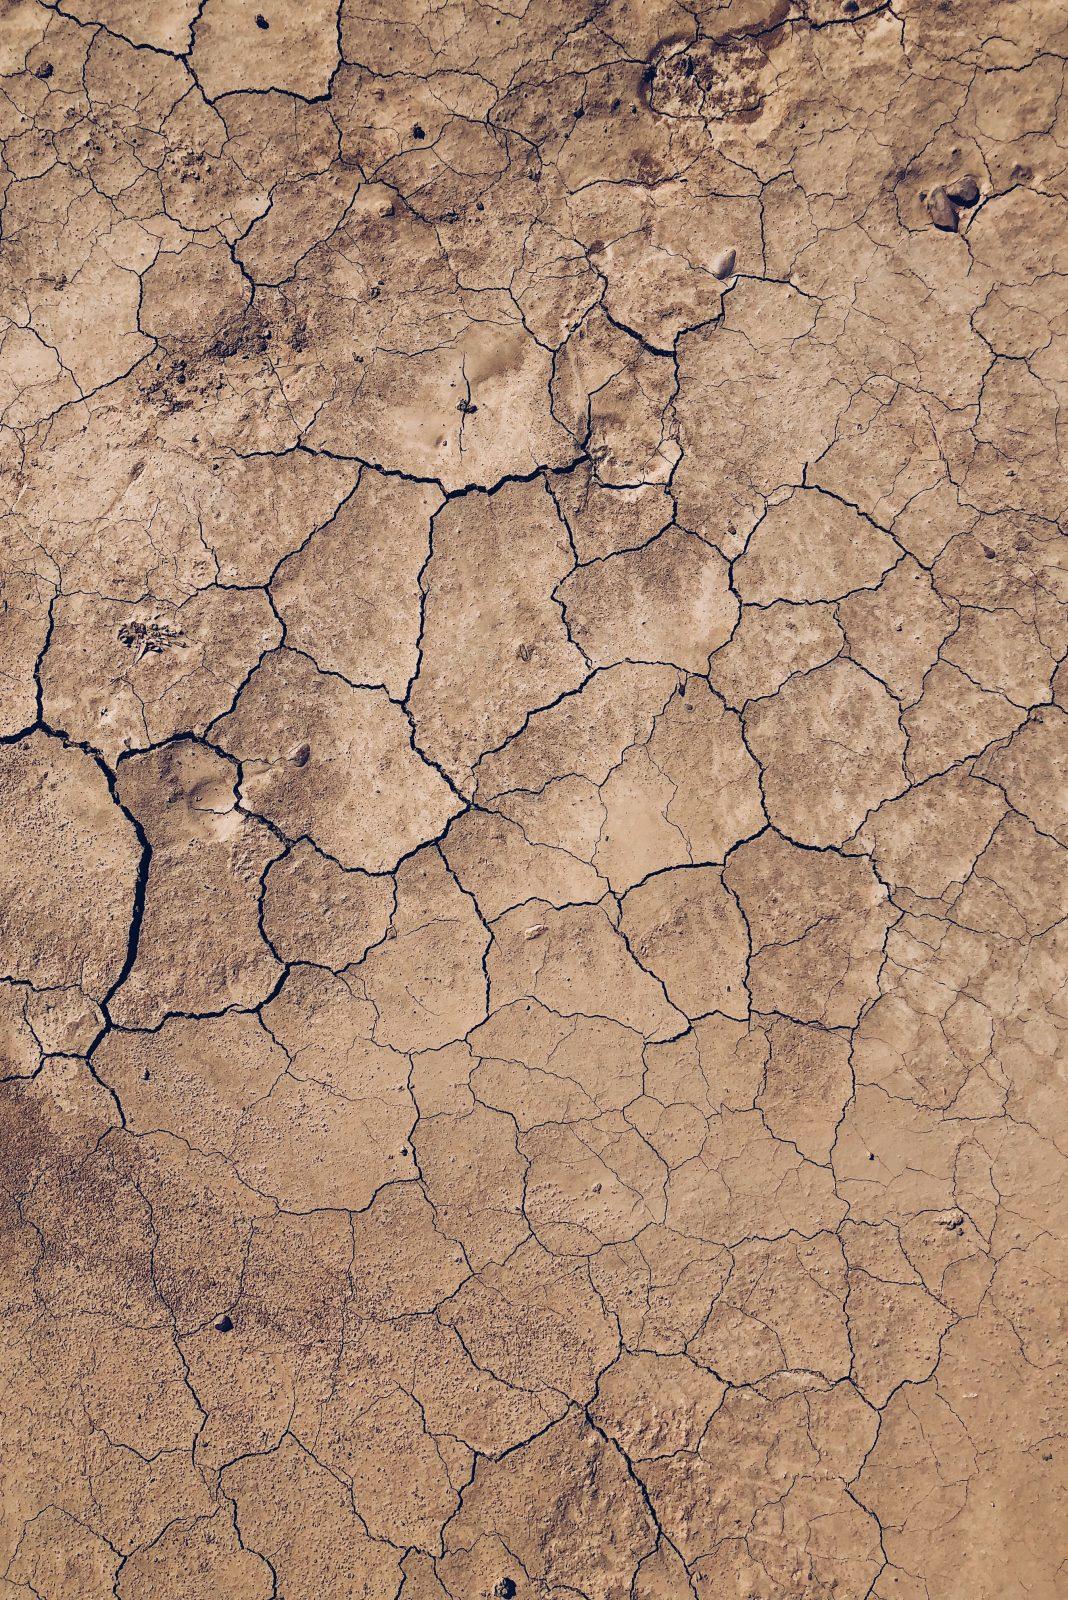 Good til the last drop: Colorado river's drought contingency plan